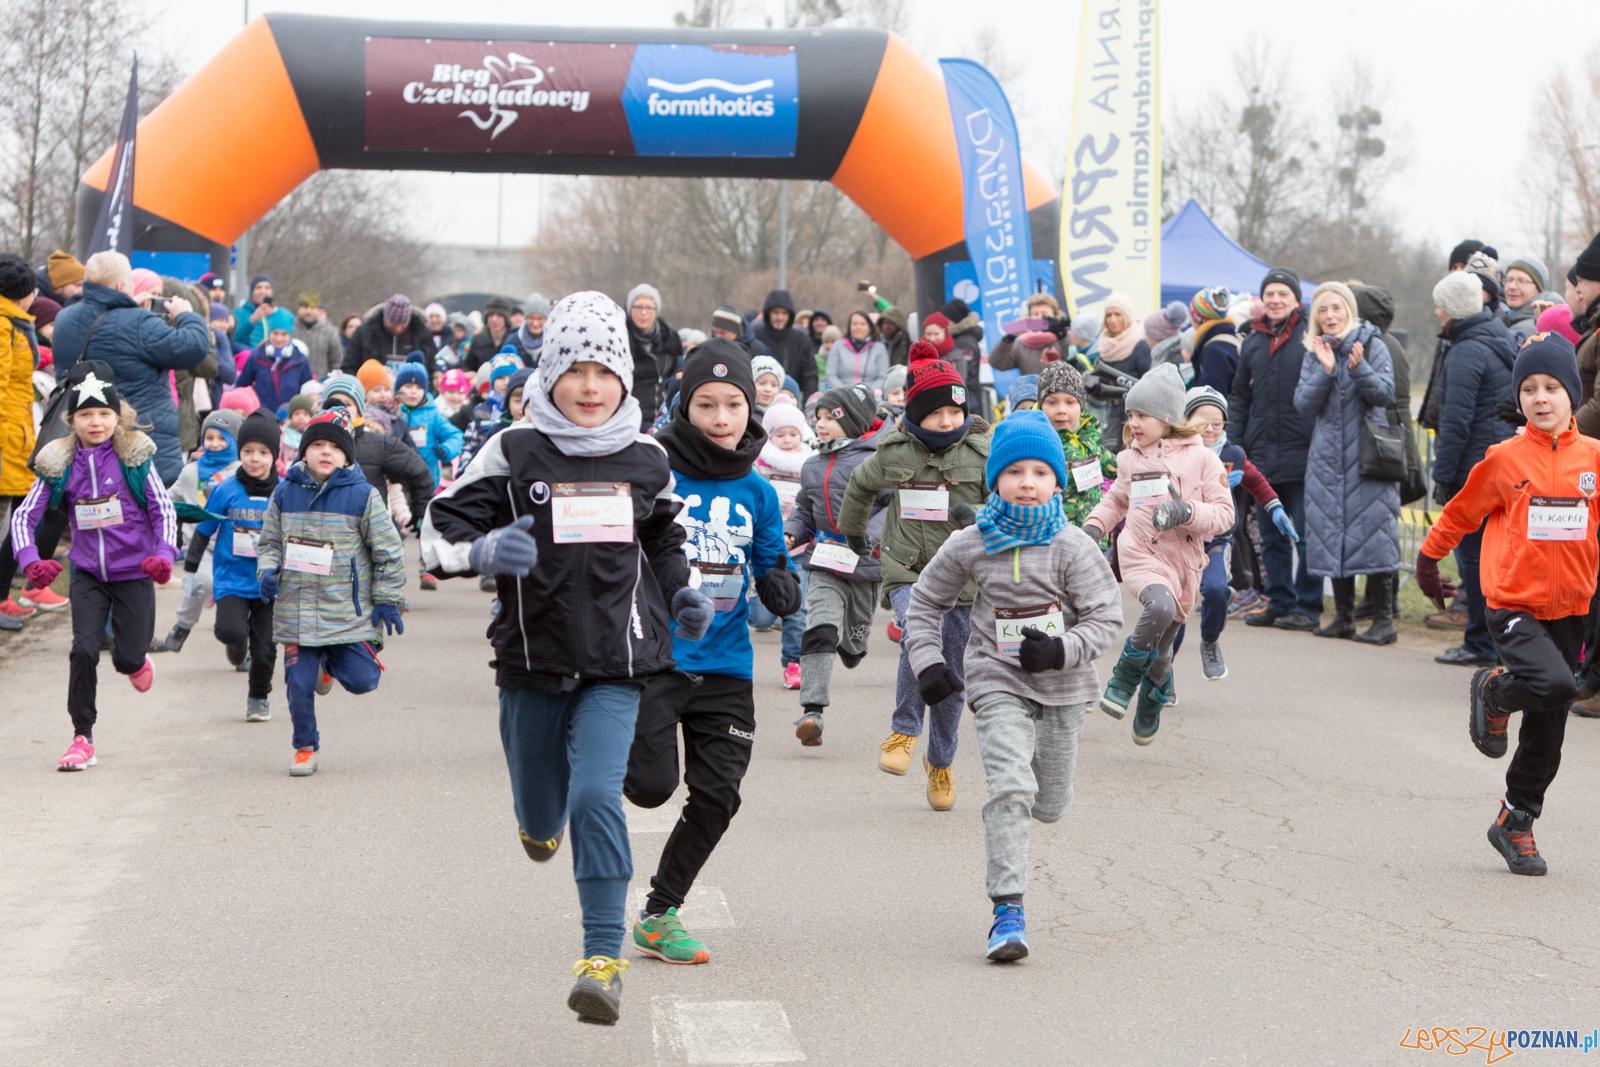 V Bieg Czekoladowy  Foto: lepszyPOZNAN.pl/Piotr Rychter